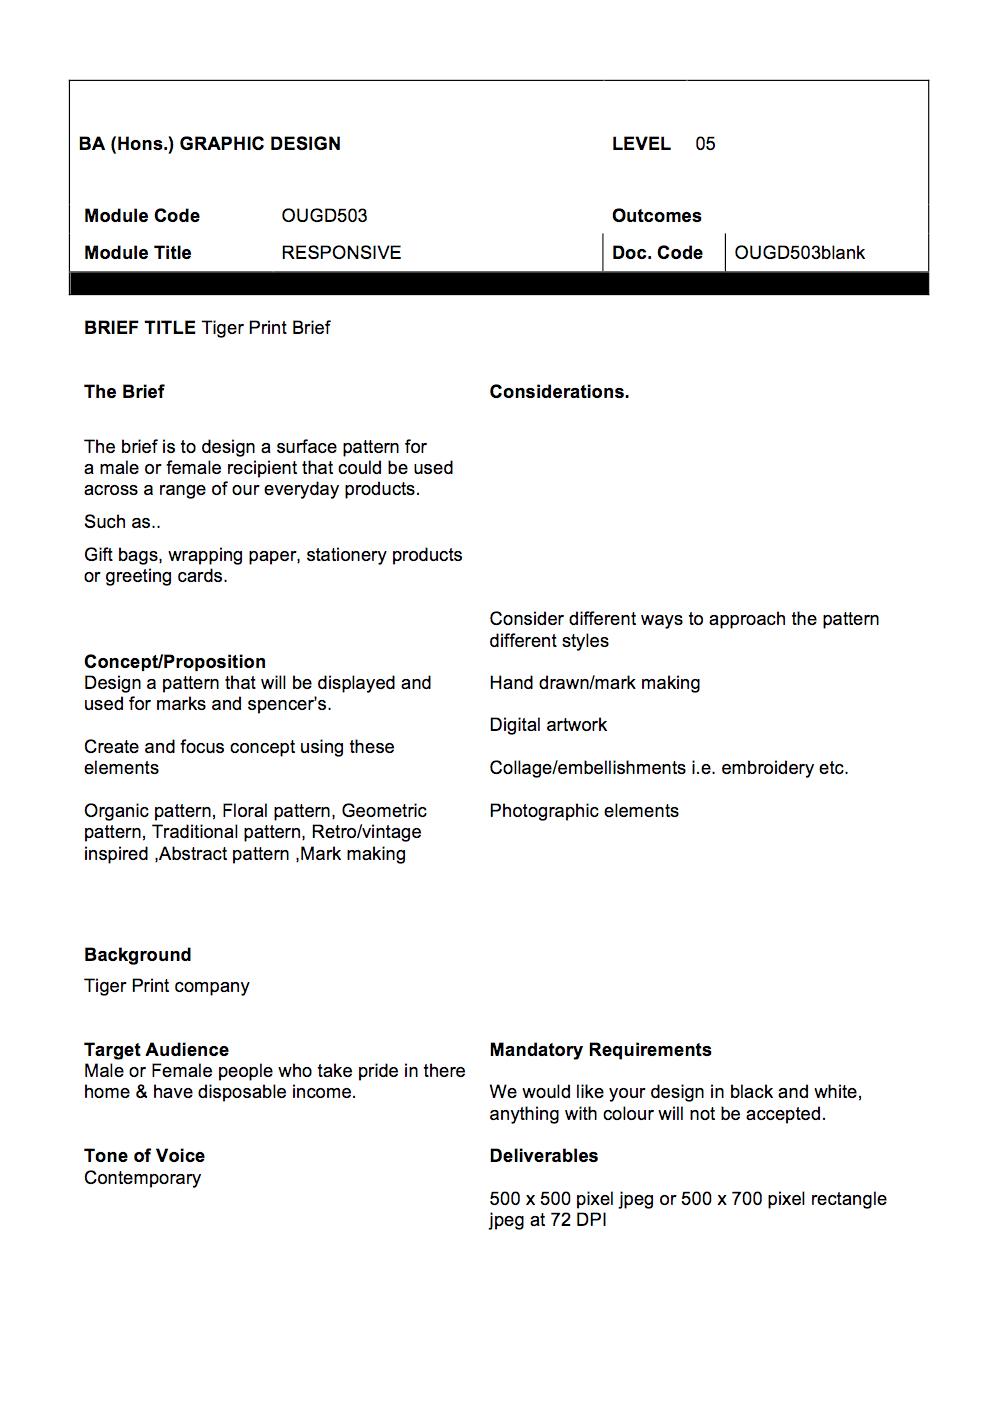 Tiger Print brief & Concept